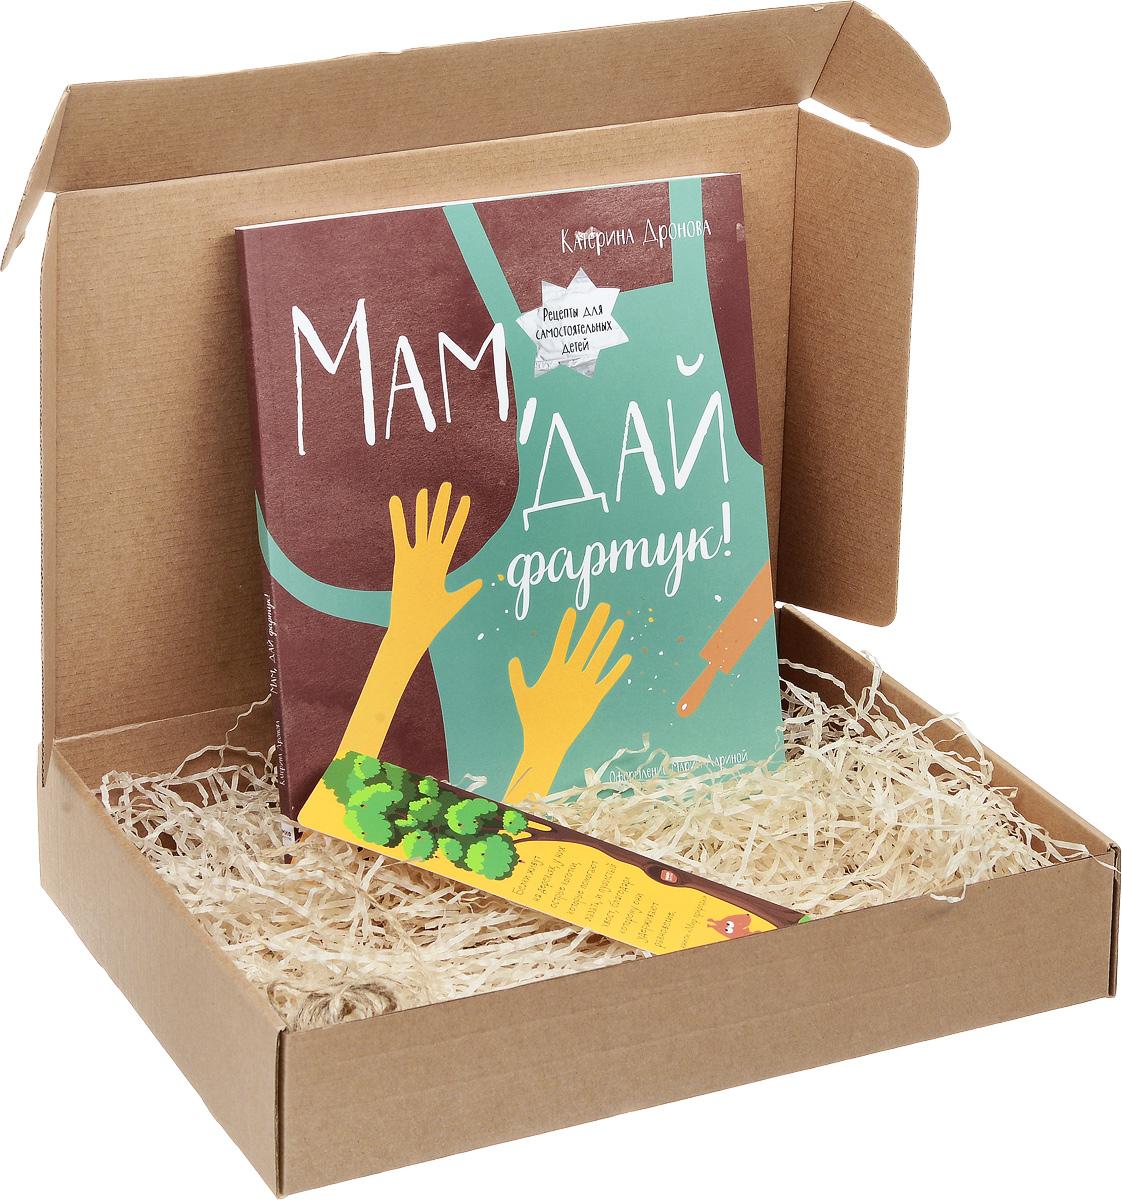 Катерина Дронова Маминой помощнице (подарочный комплект) готовим просто и вкусно лучшие рецепты на все случаи жизни 20 брошюр